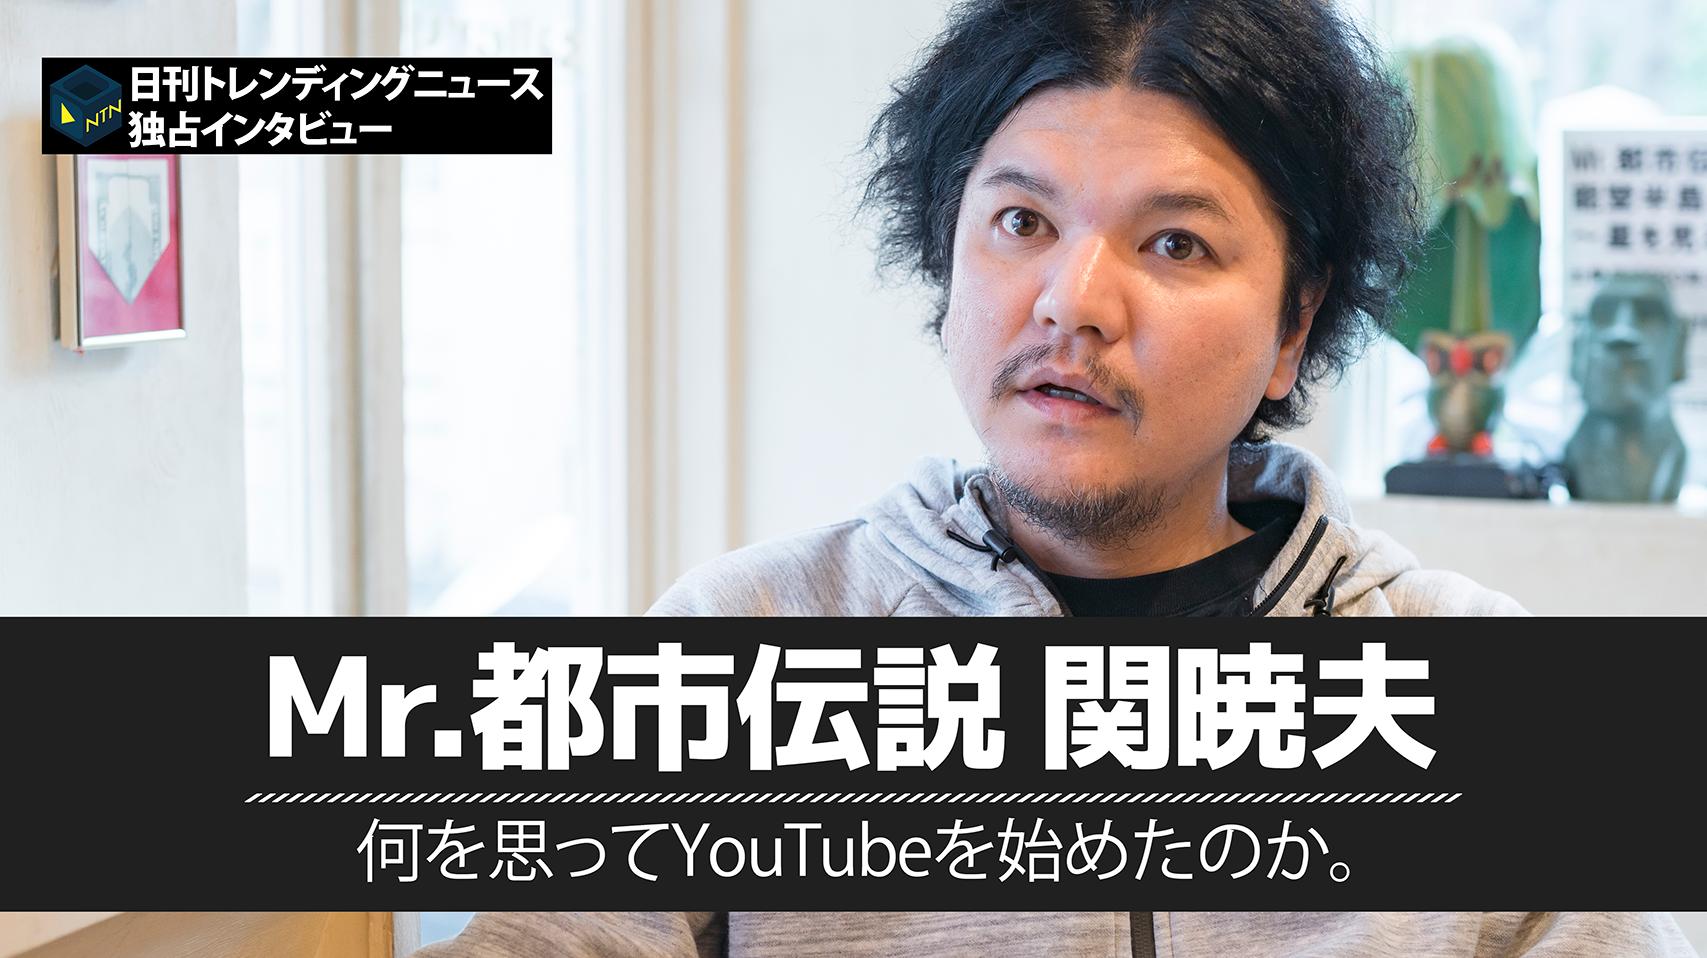 日トレ独占インタビュー Mr.都市伝説 関暁夫 何を思ってYouTubeを始めたのか